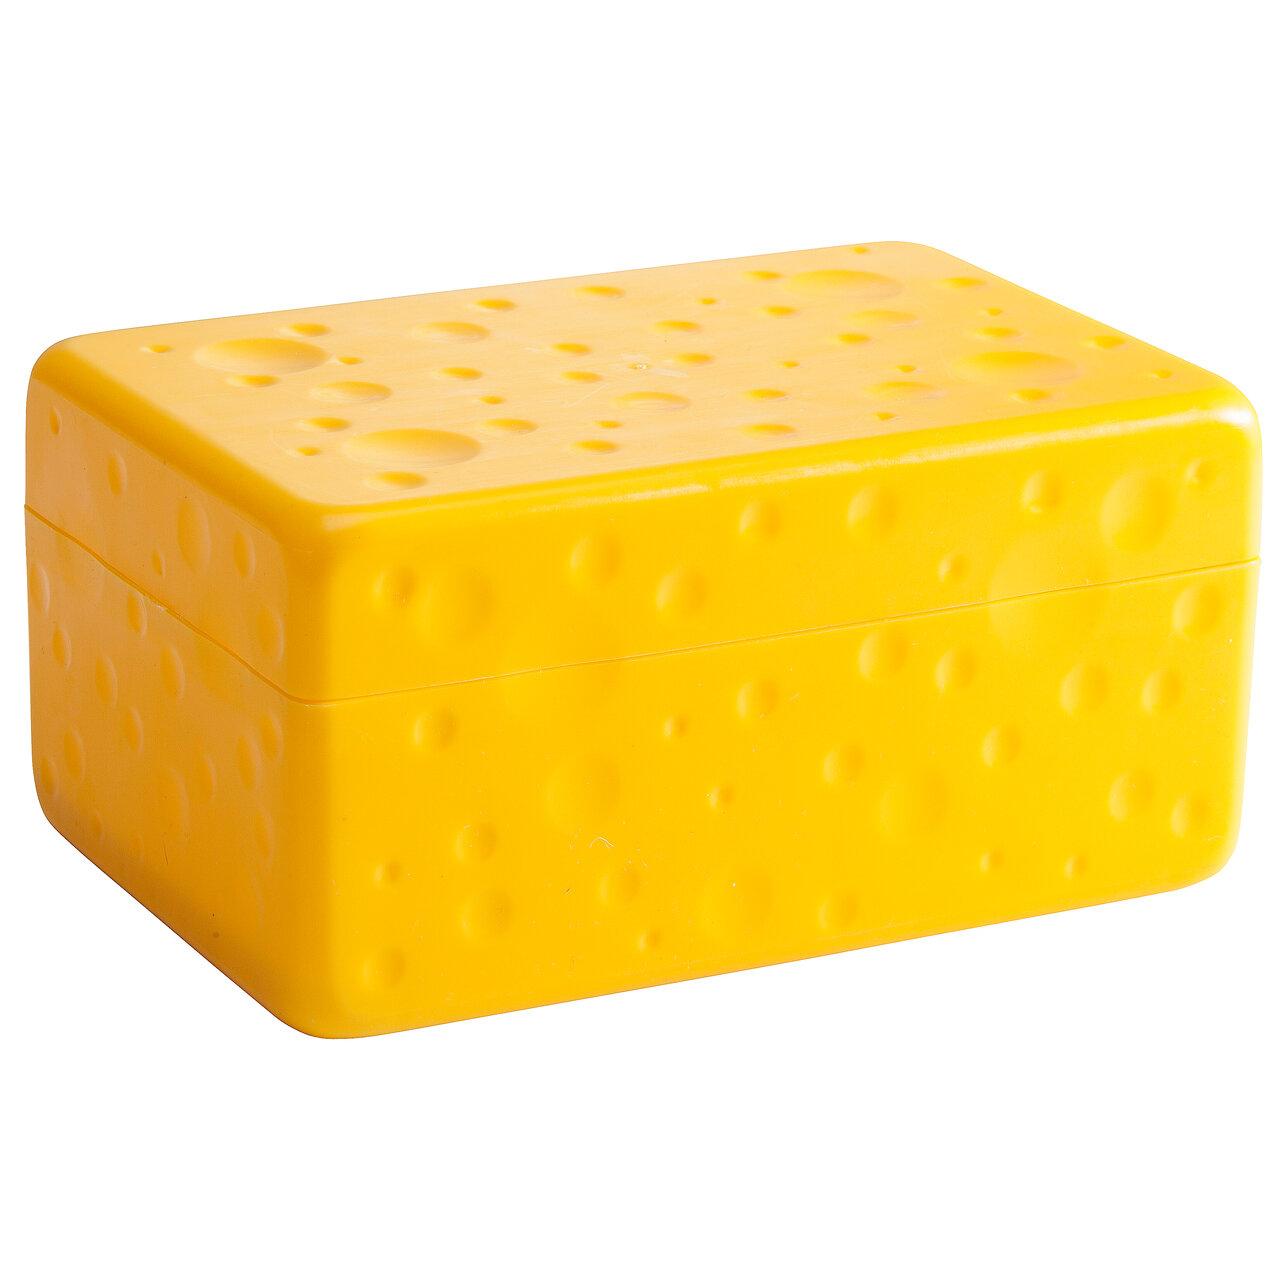 Merveilleux Hutzler Cheese Saver Food Storage Container